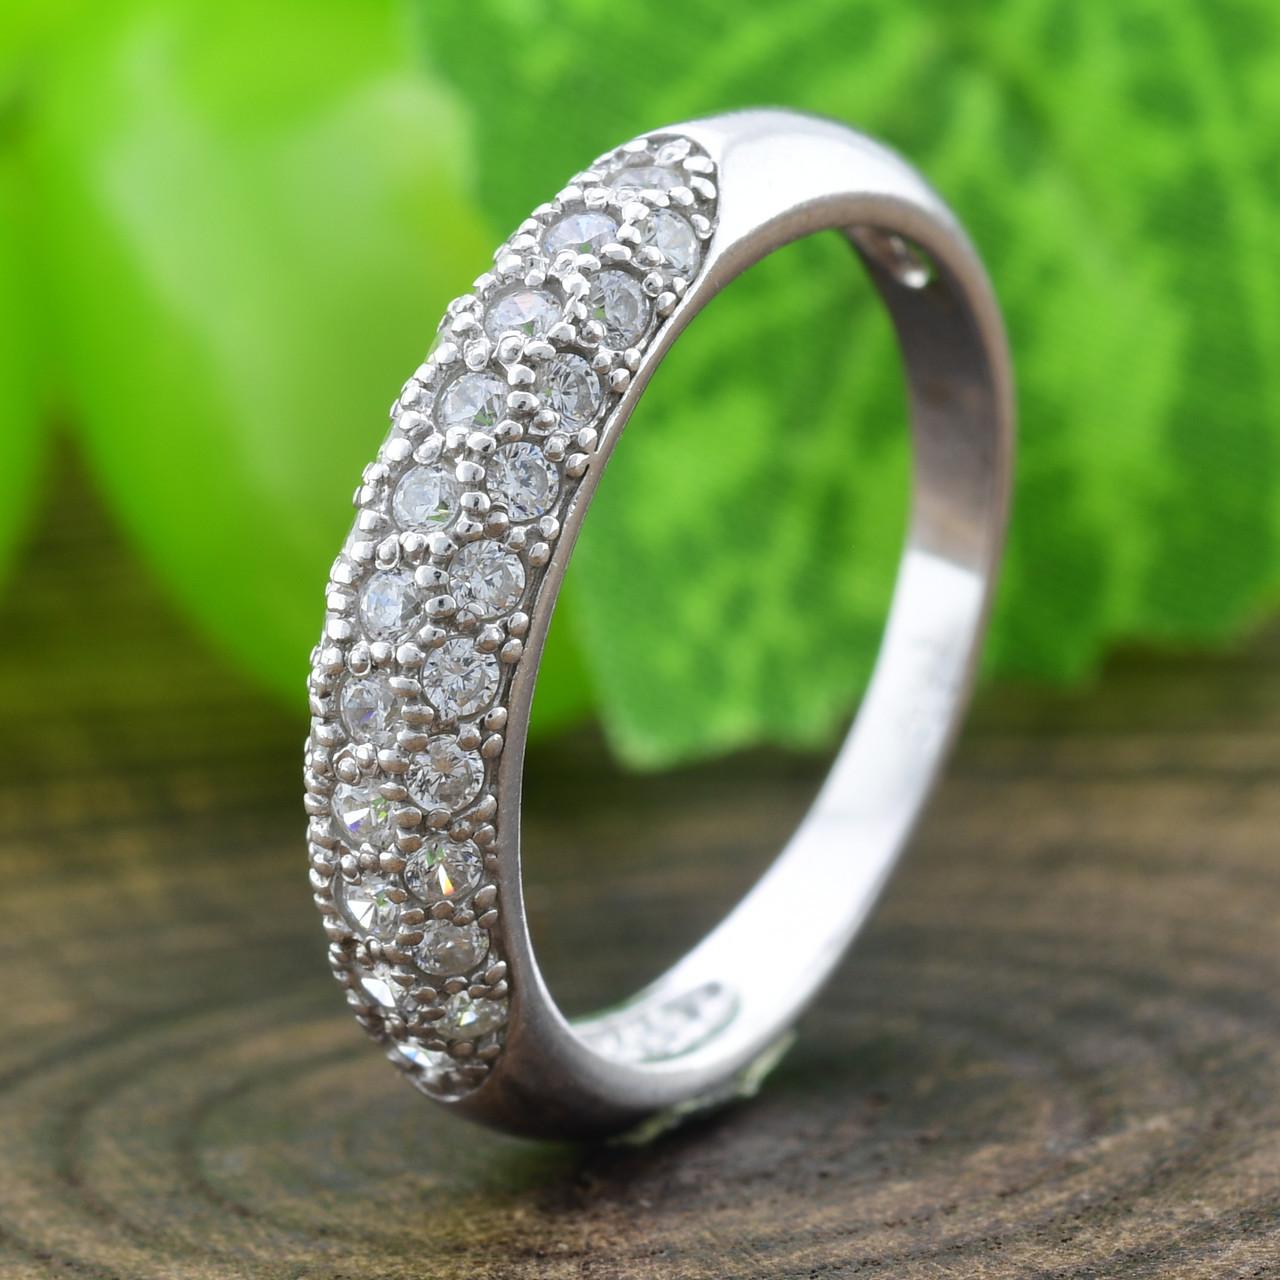 Серебряное кольцо Узкий шик вставка белые фианиты вес 2.4 г размер 15